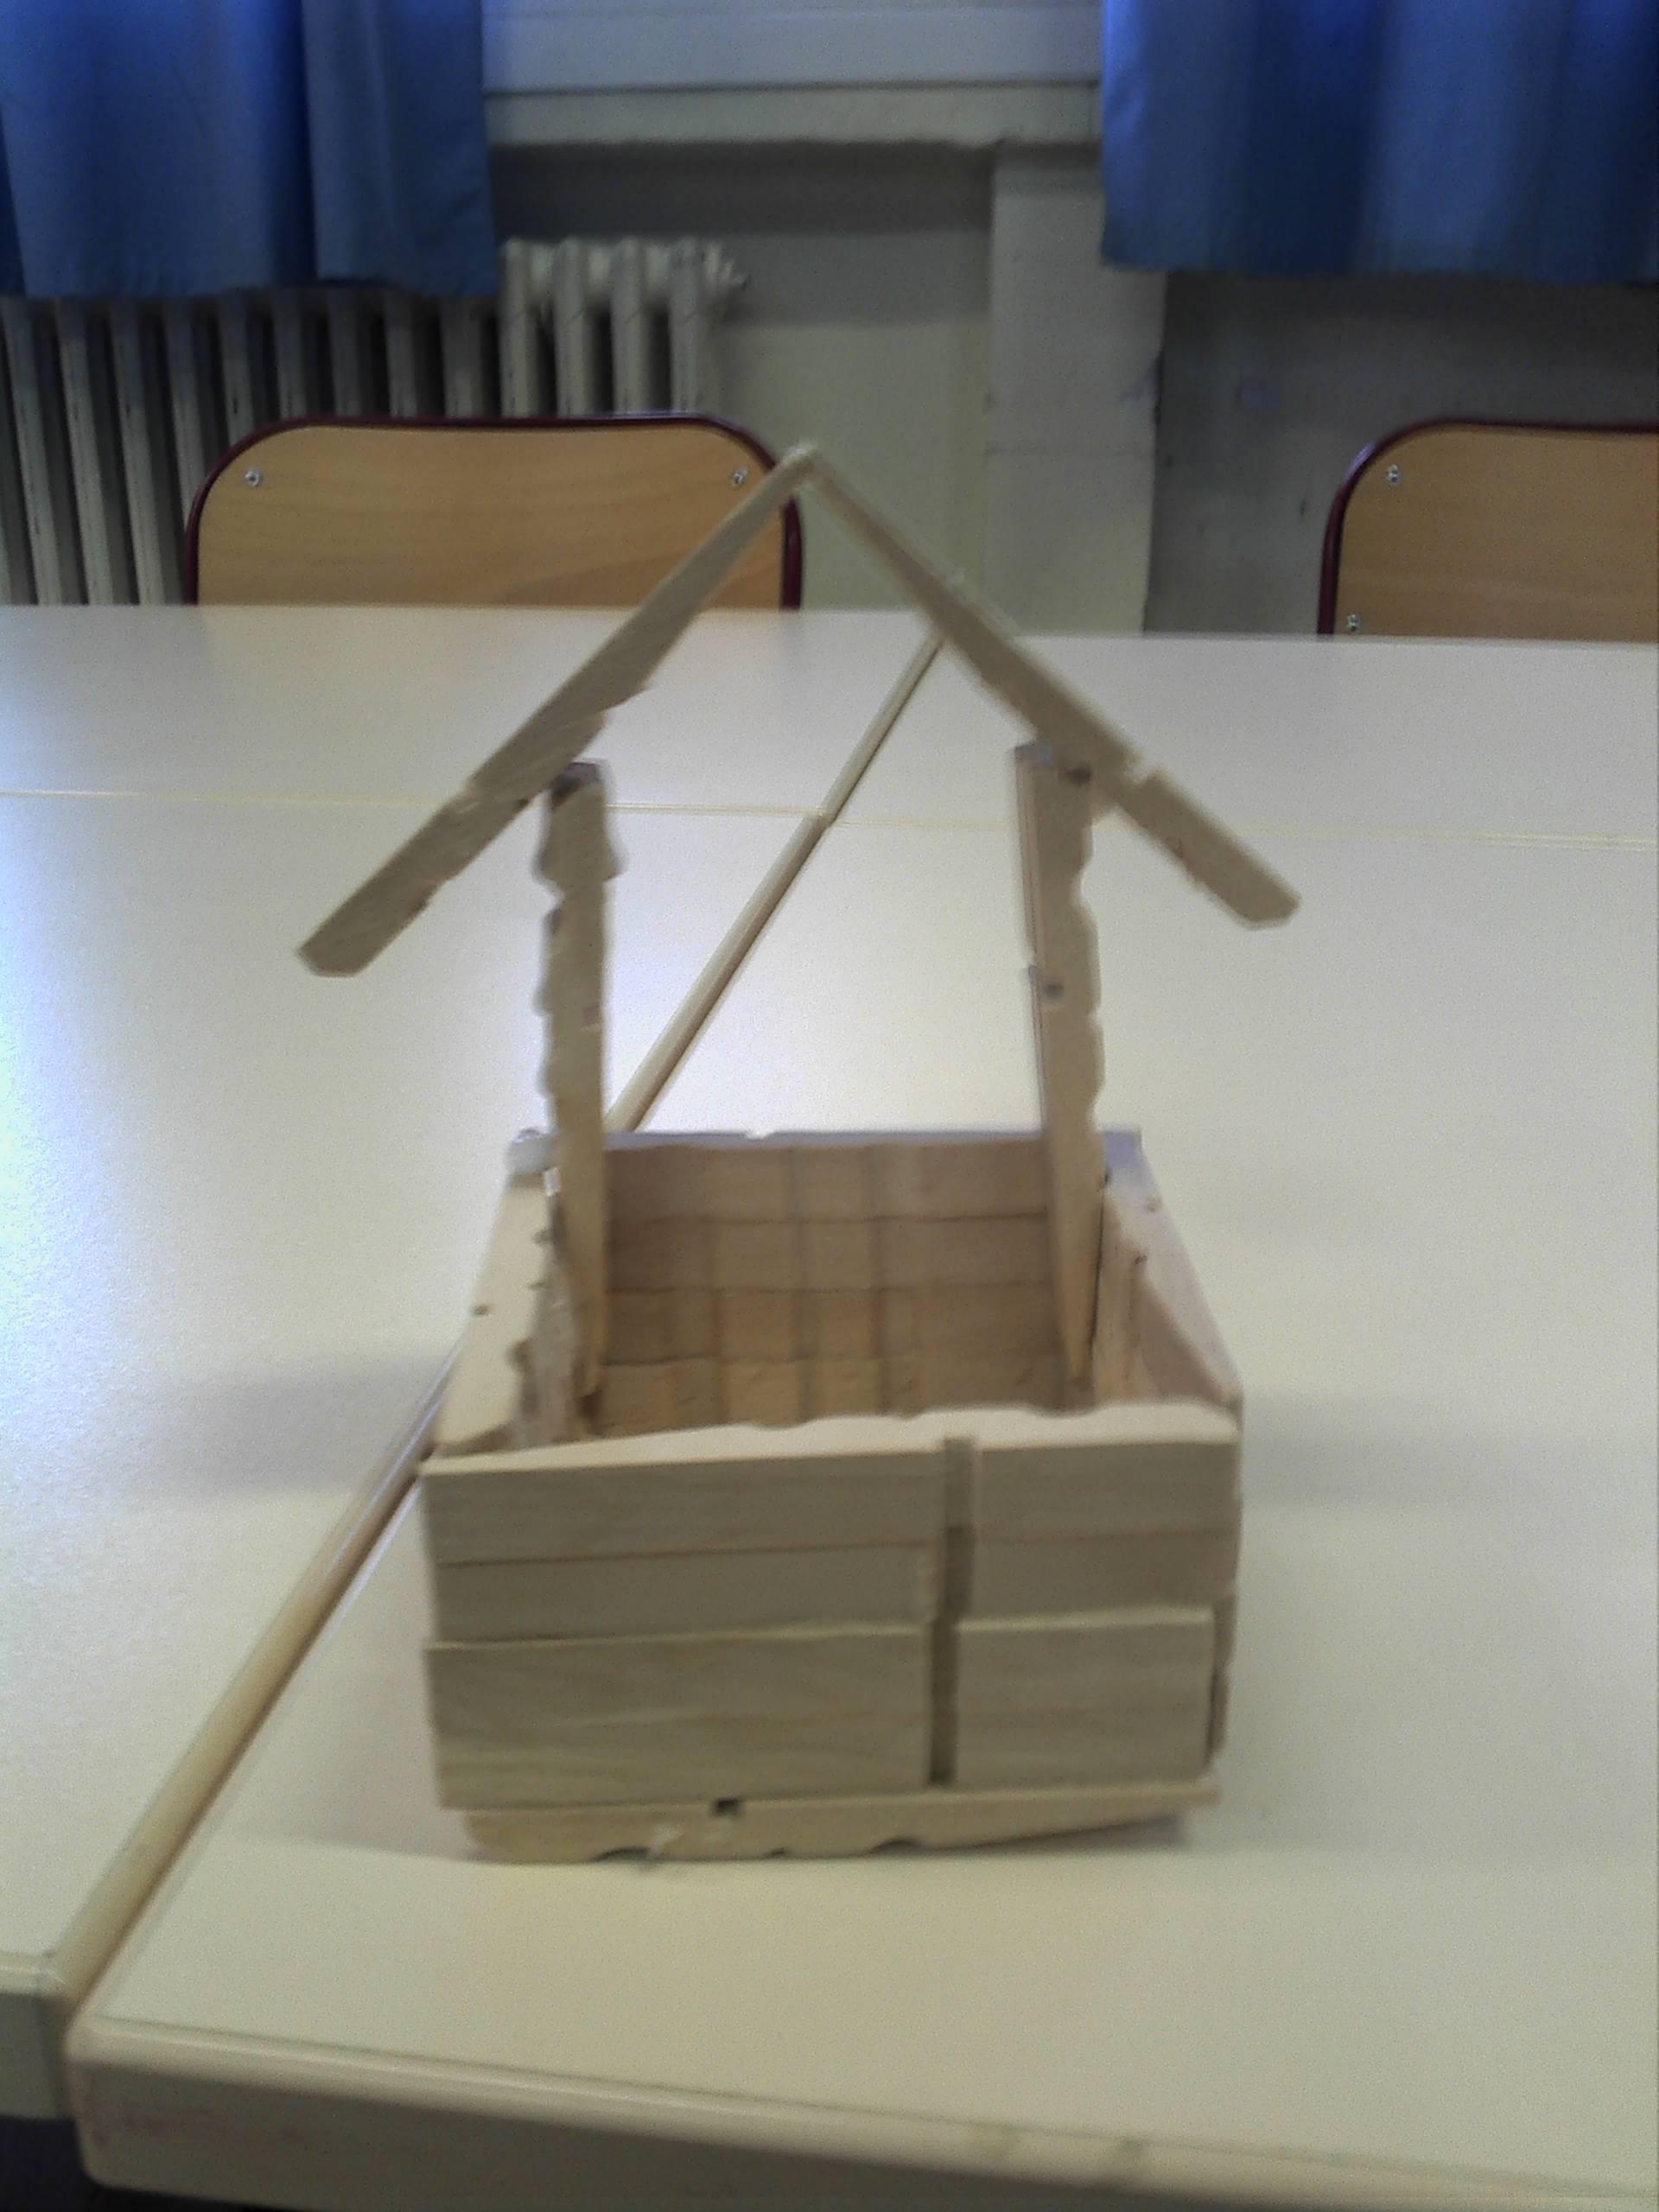 Bricolage demi pince a linge - Pince a linge en bois creation ...